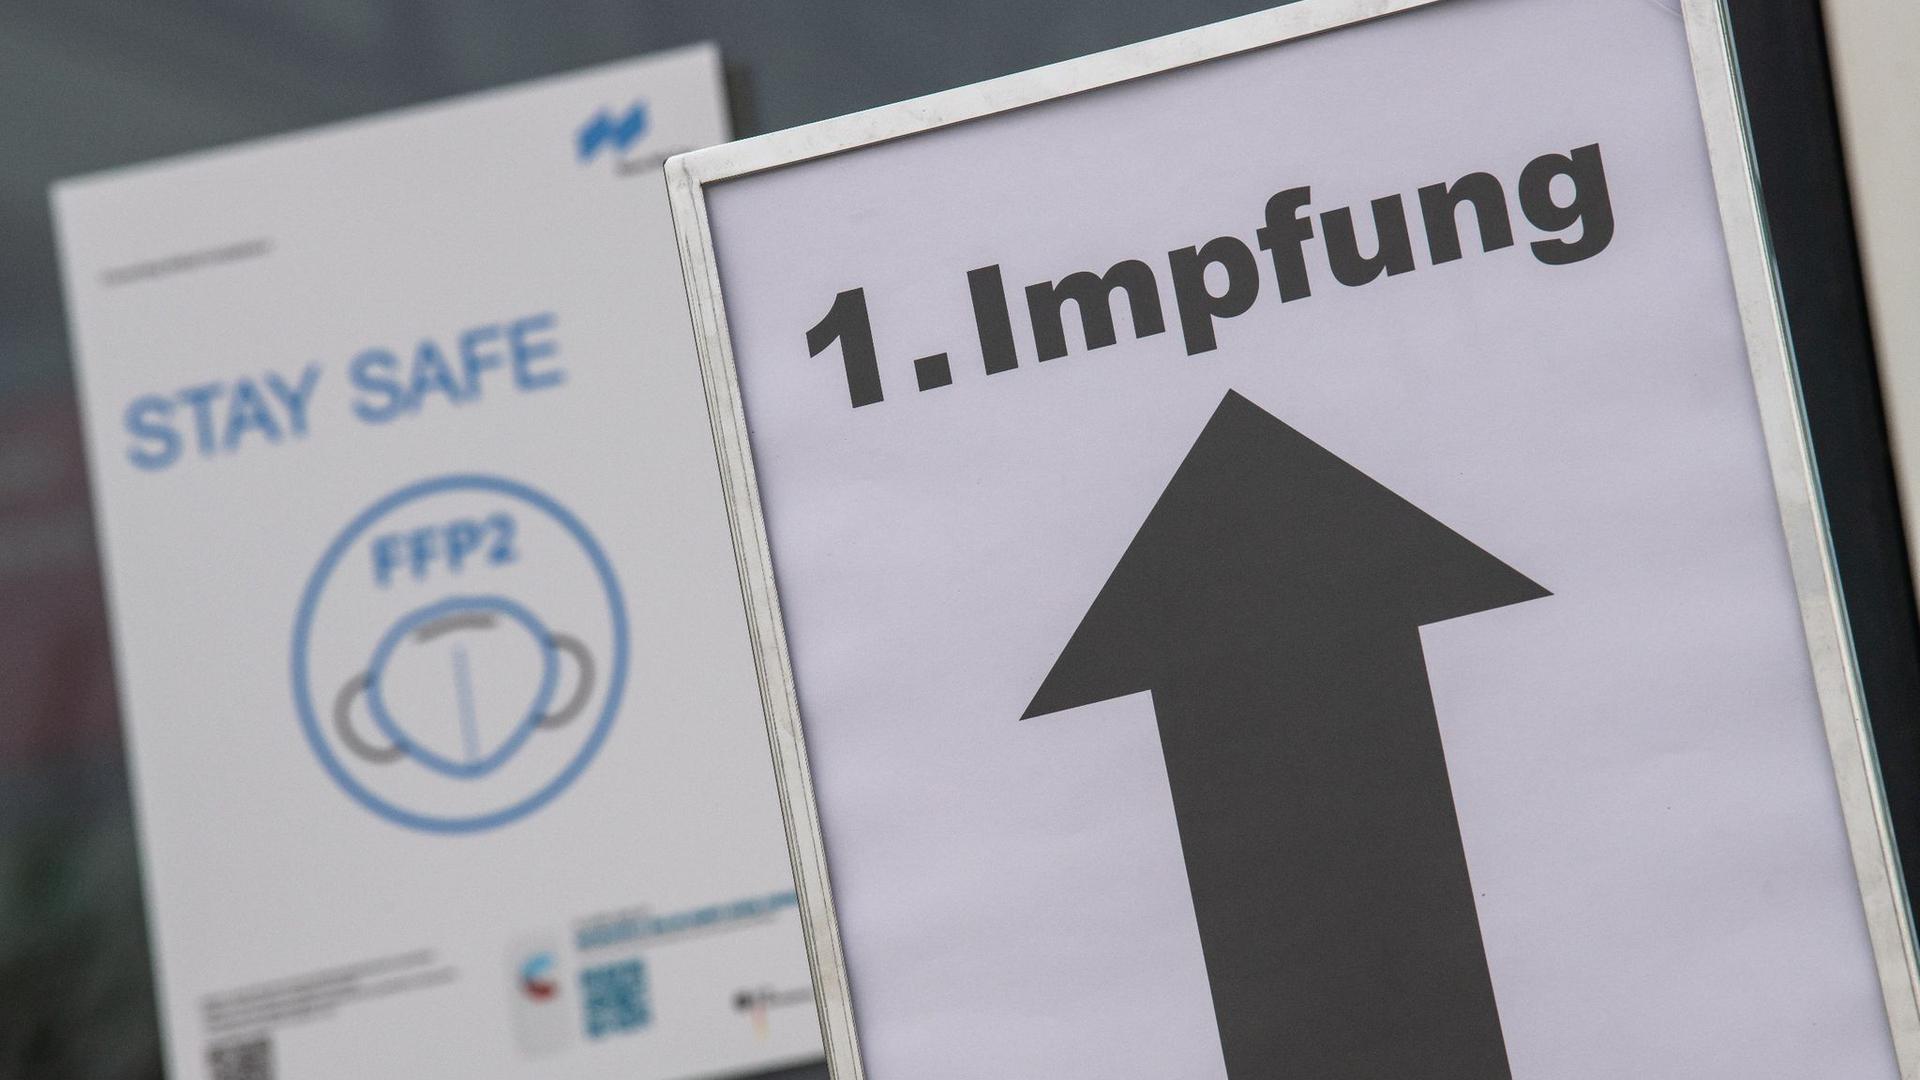 Ein Schild auf einemMessegelände weist den Weg zu einem Impfzentrum.